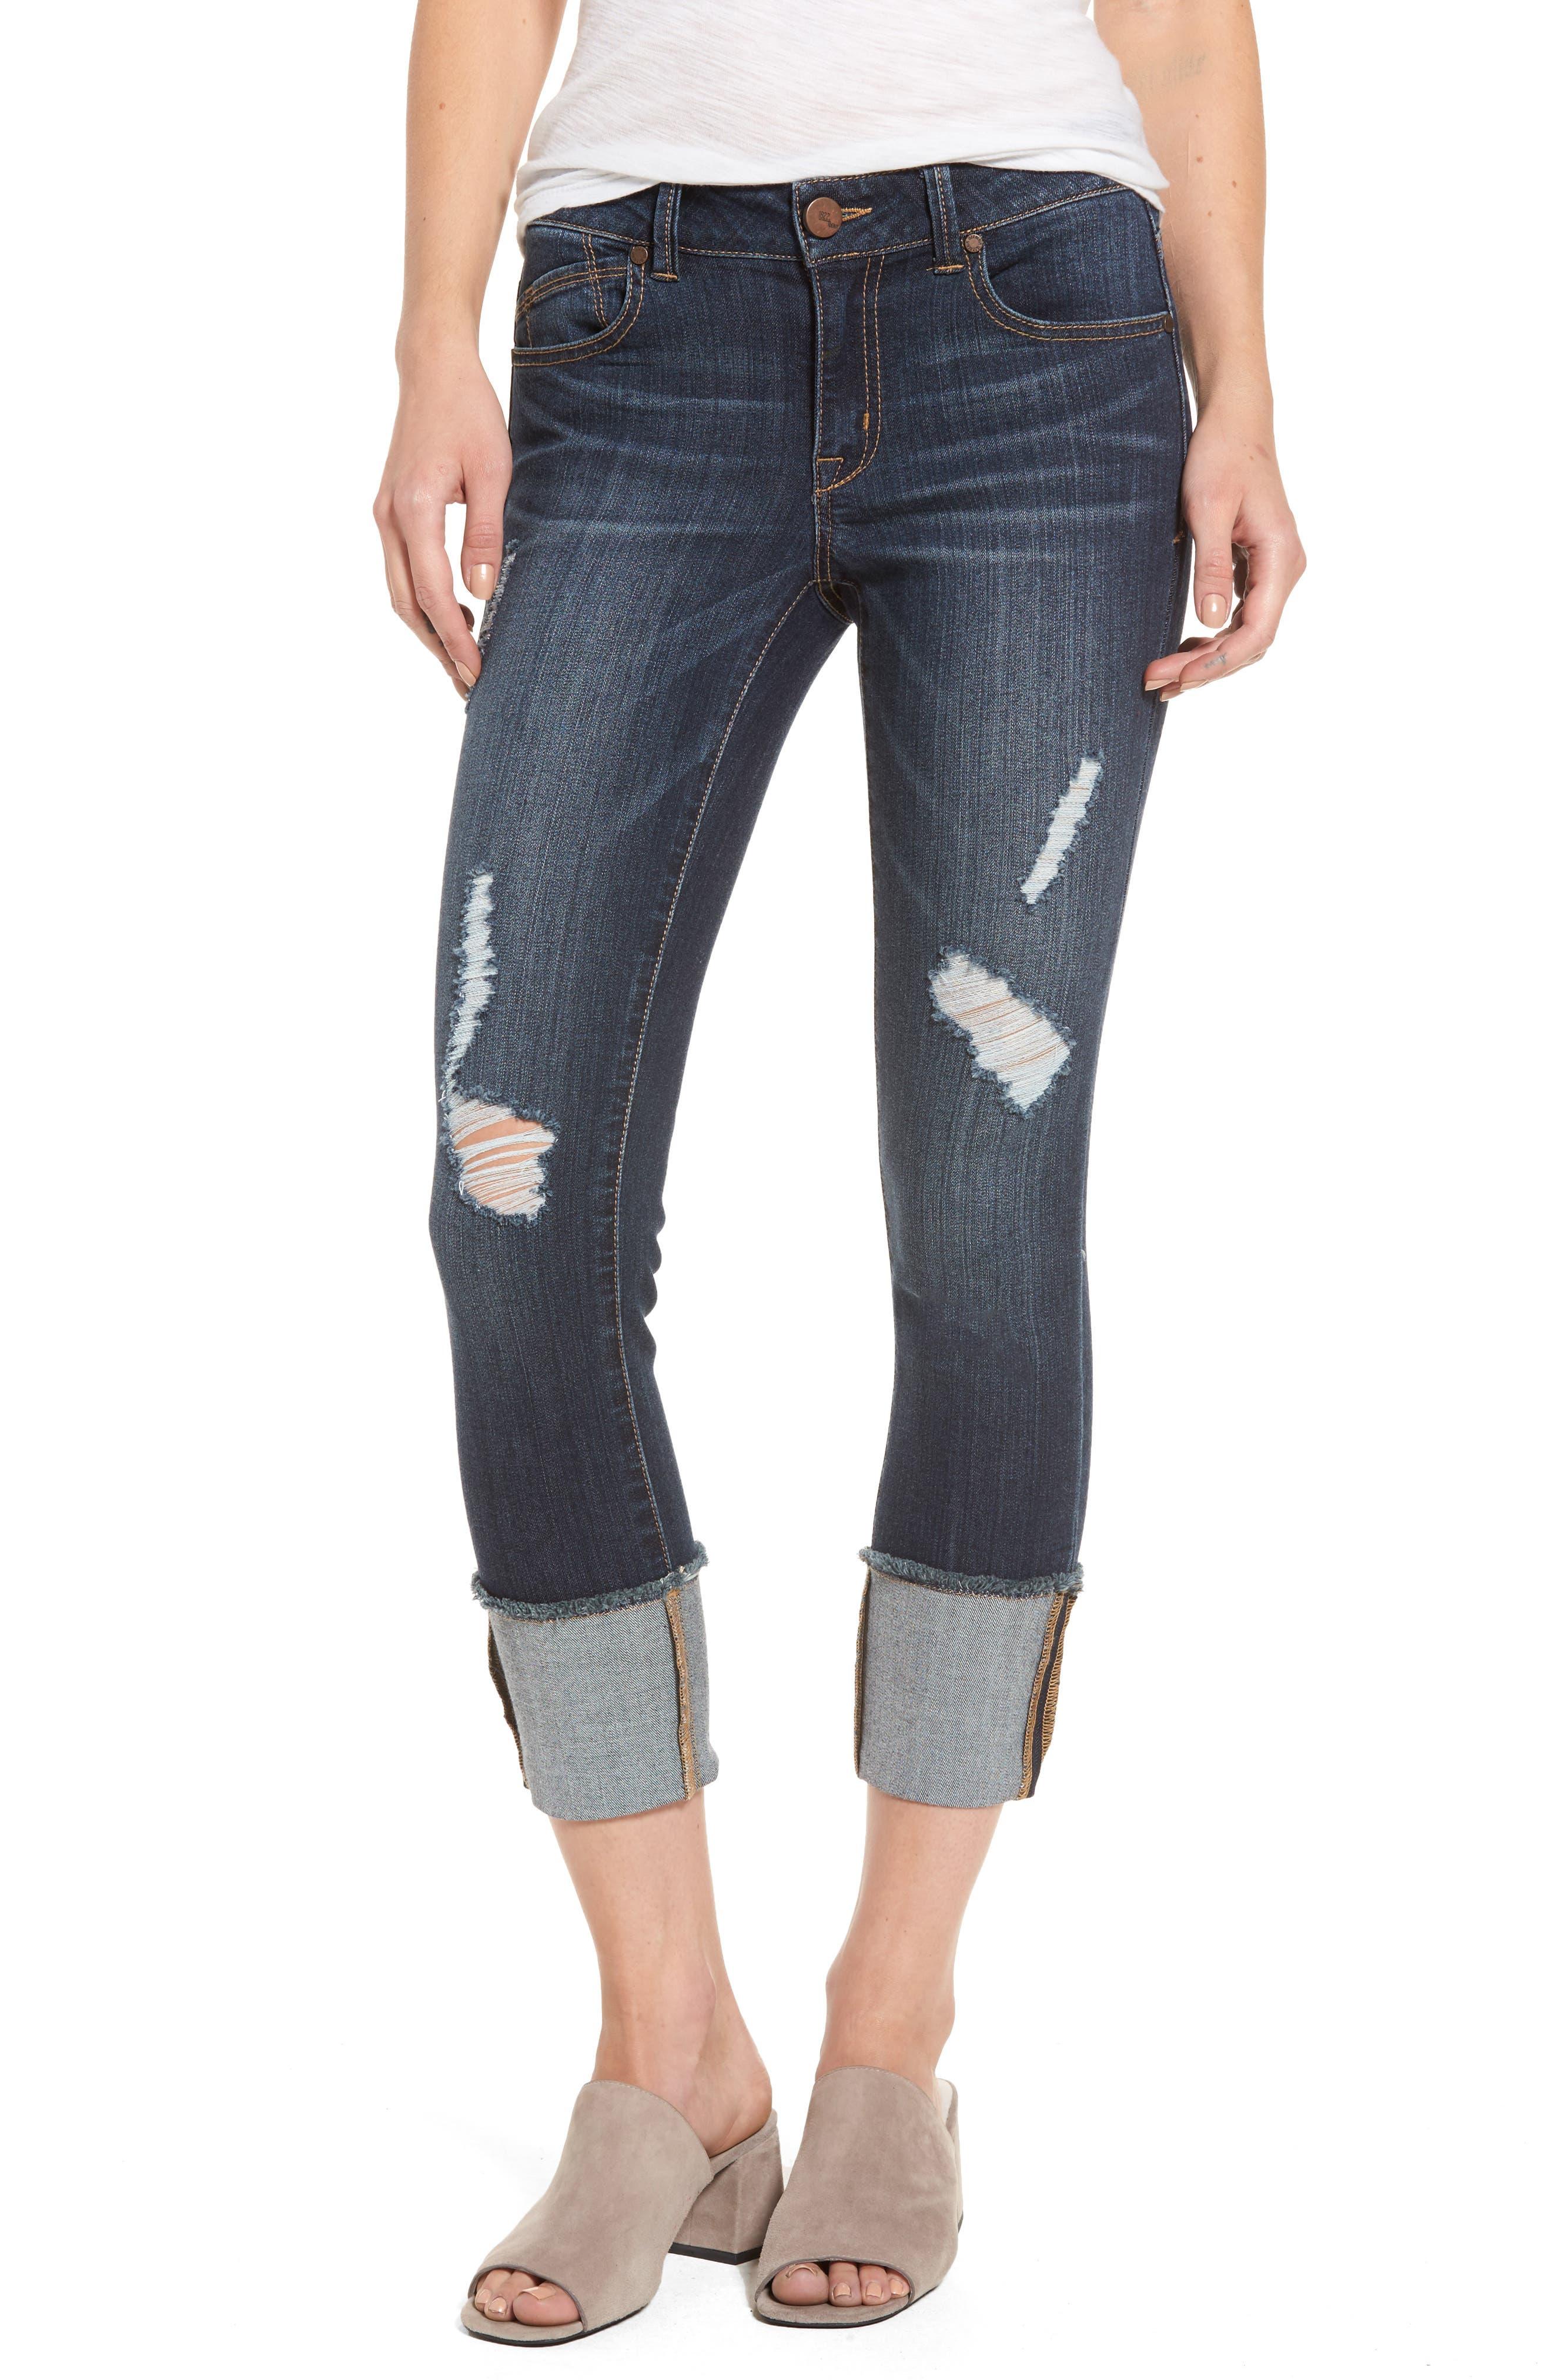 Main Image - 1822 Denim Distressed Roll Cuff Jeans (Hazel)